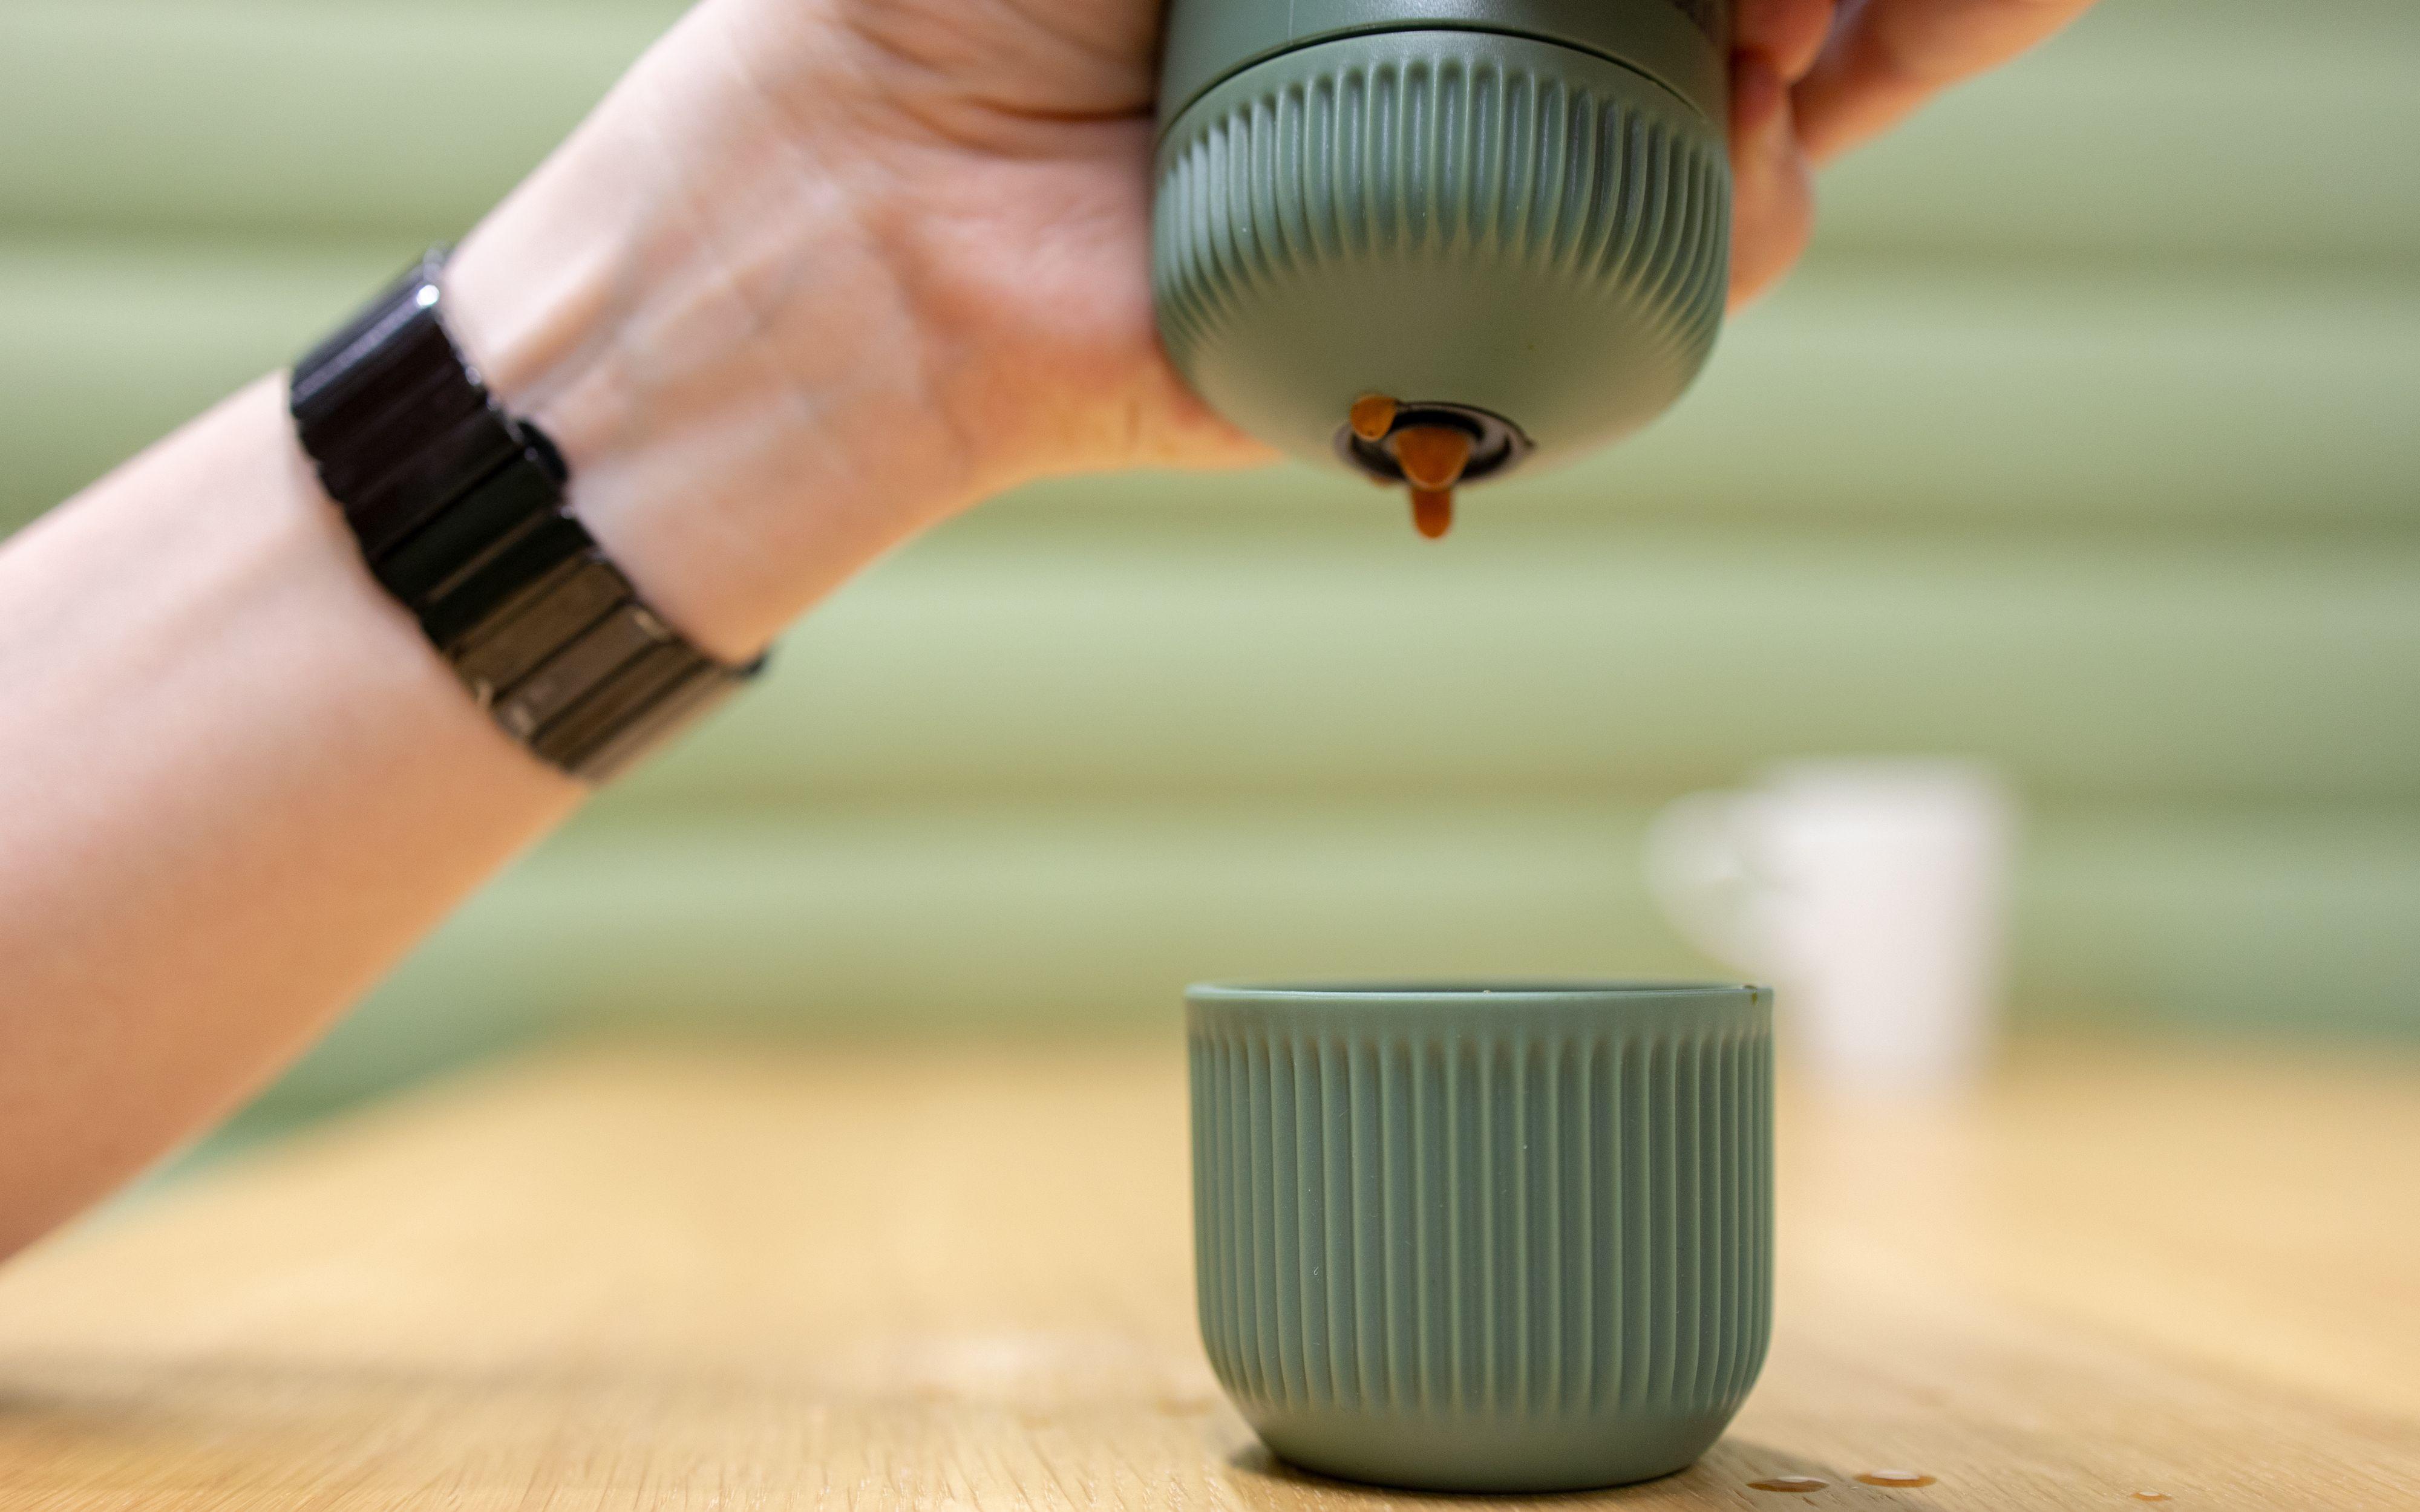 Denne koppen klipser du rundt vannbeholderen når du ikke bruker den.